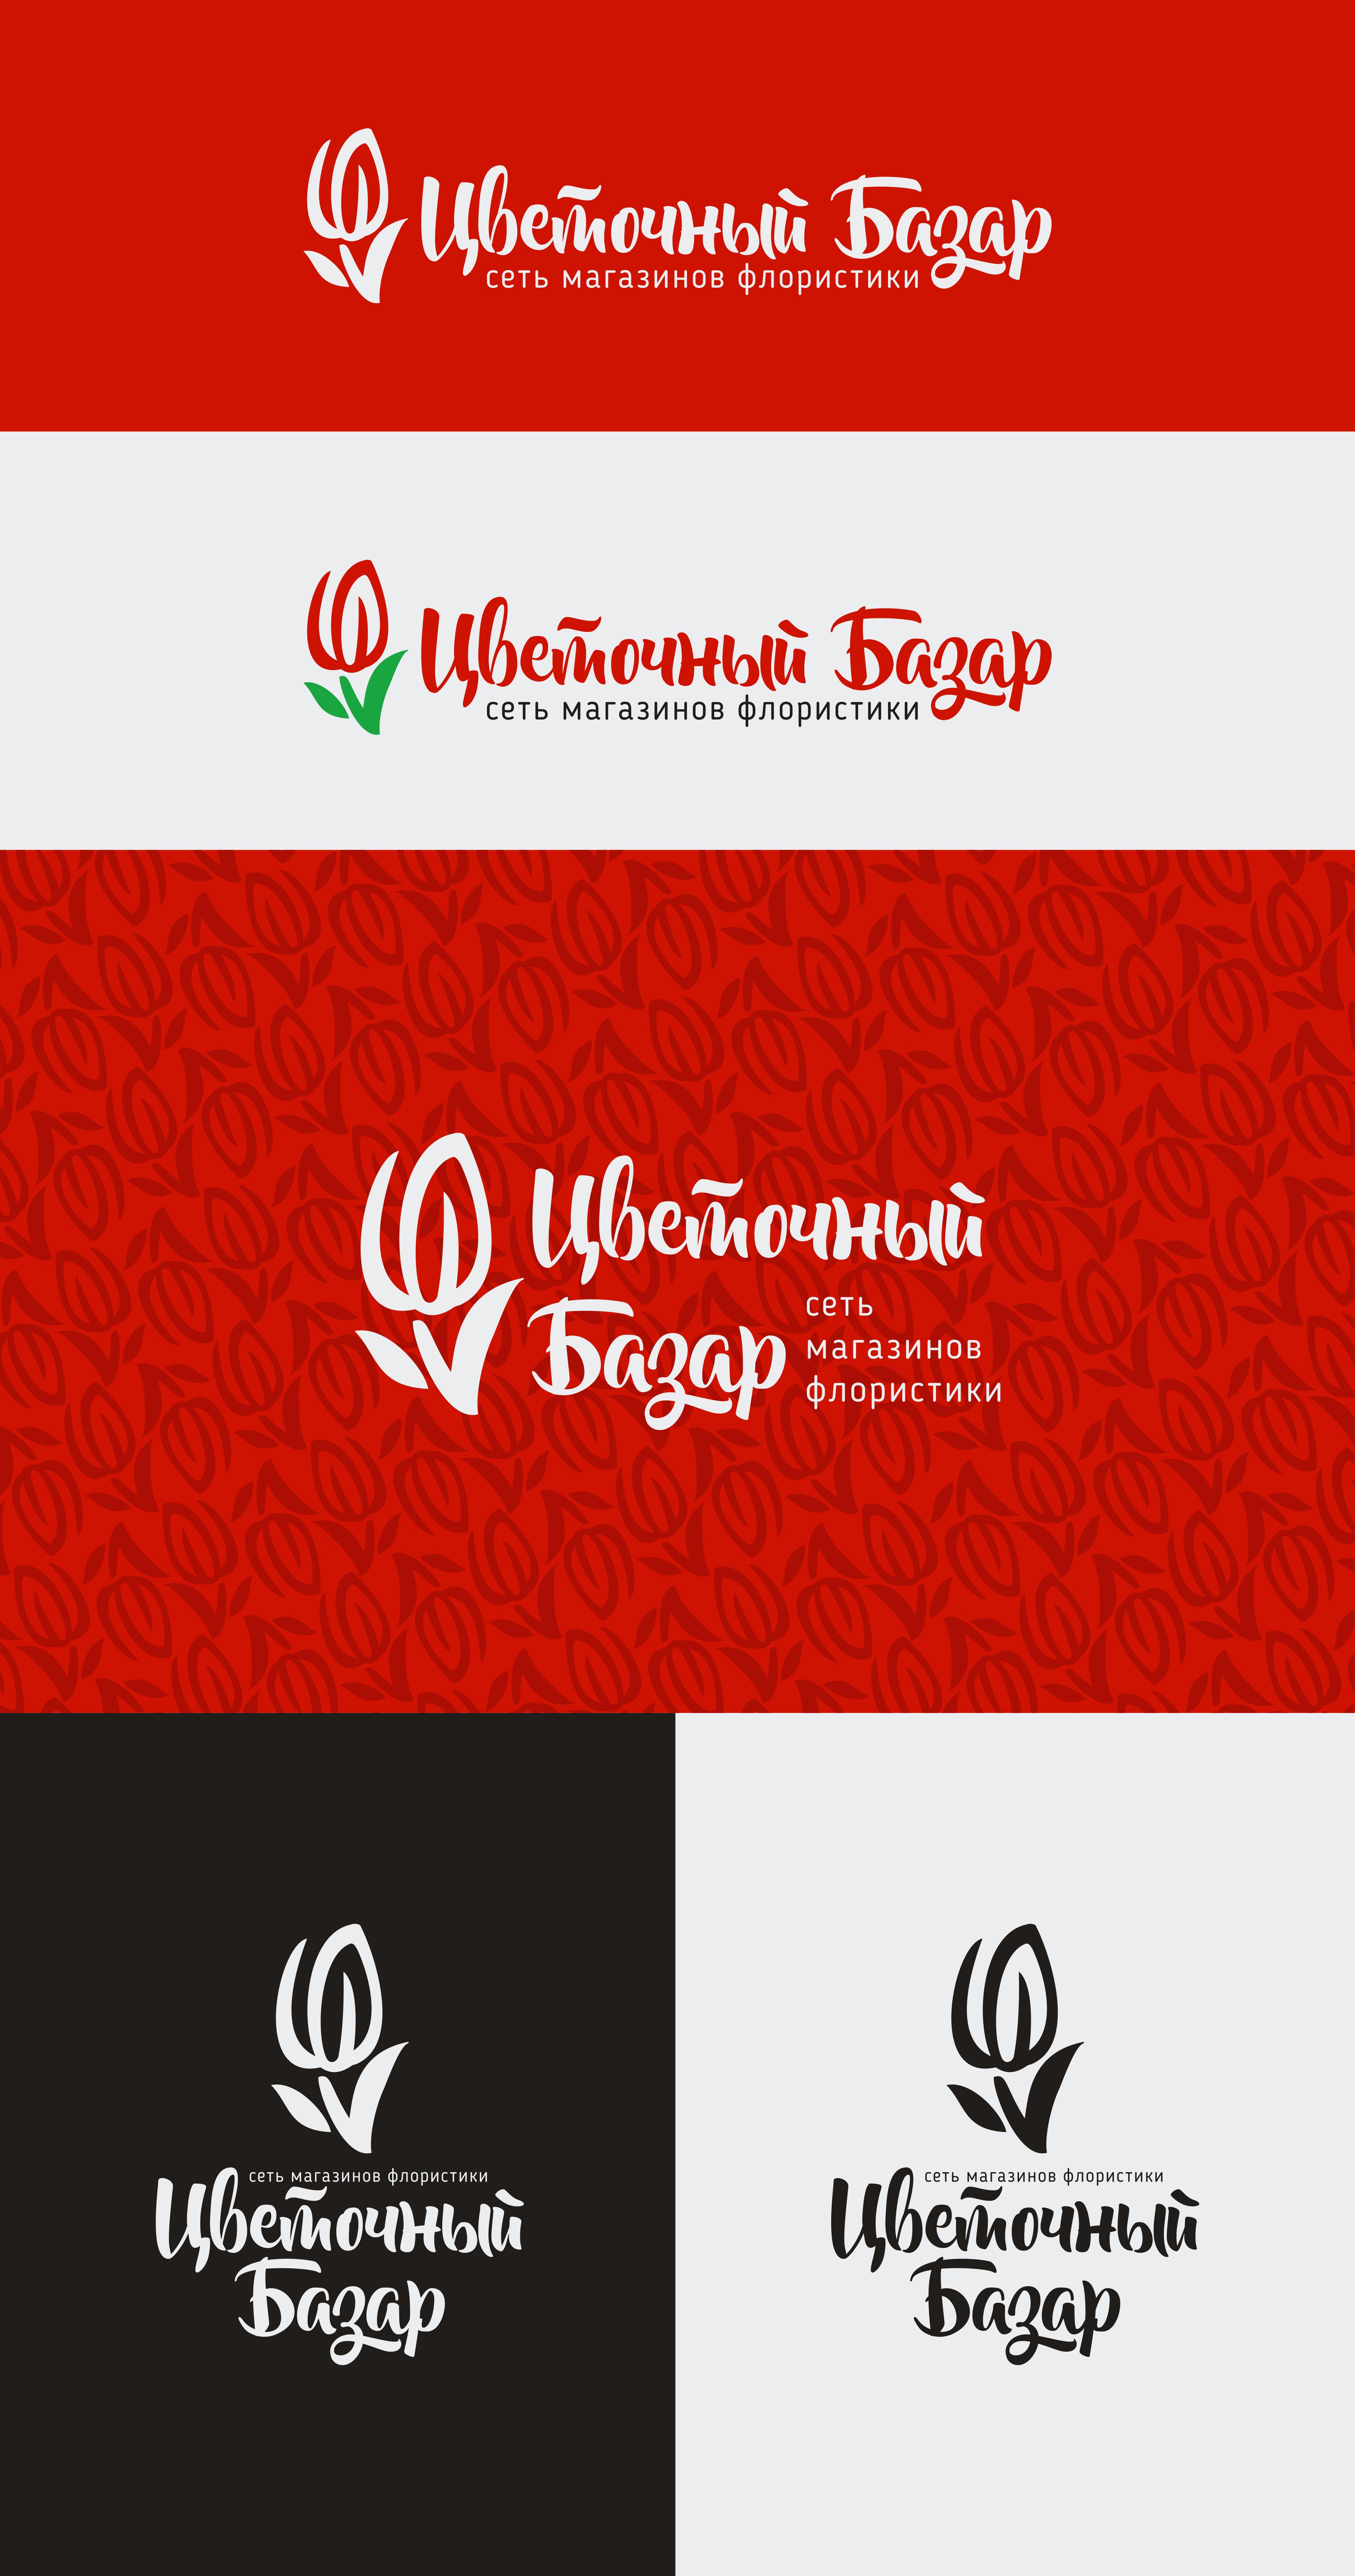 Разработка фирменного стиля для цветочного салона фото f_0465c3481e0a3ad5.png